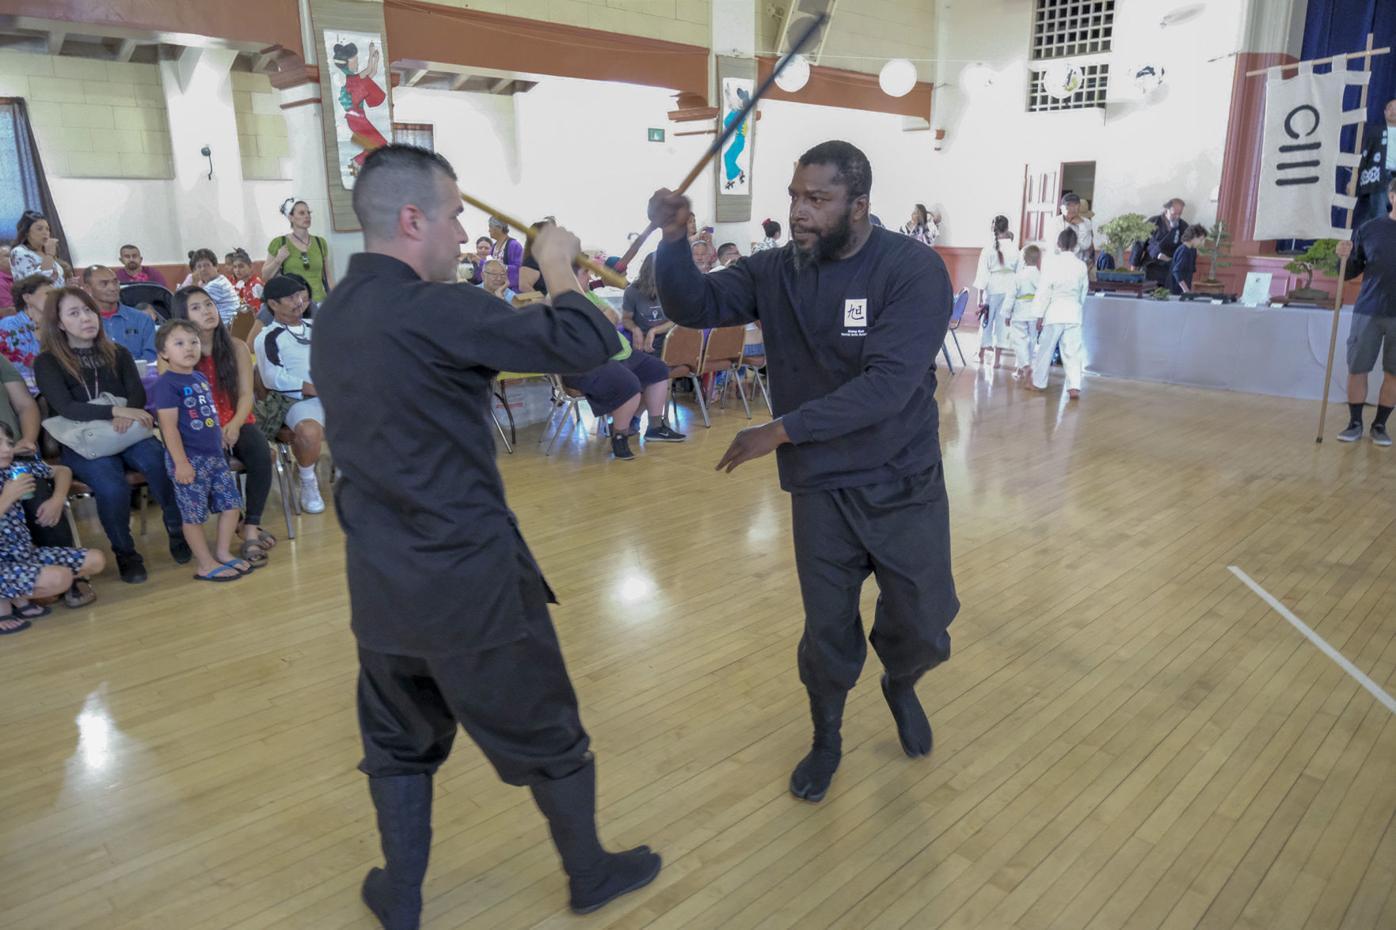 GALLERY: Guadalupe Buddhist Church celebrates Obon Festival